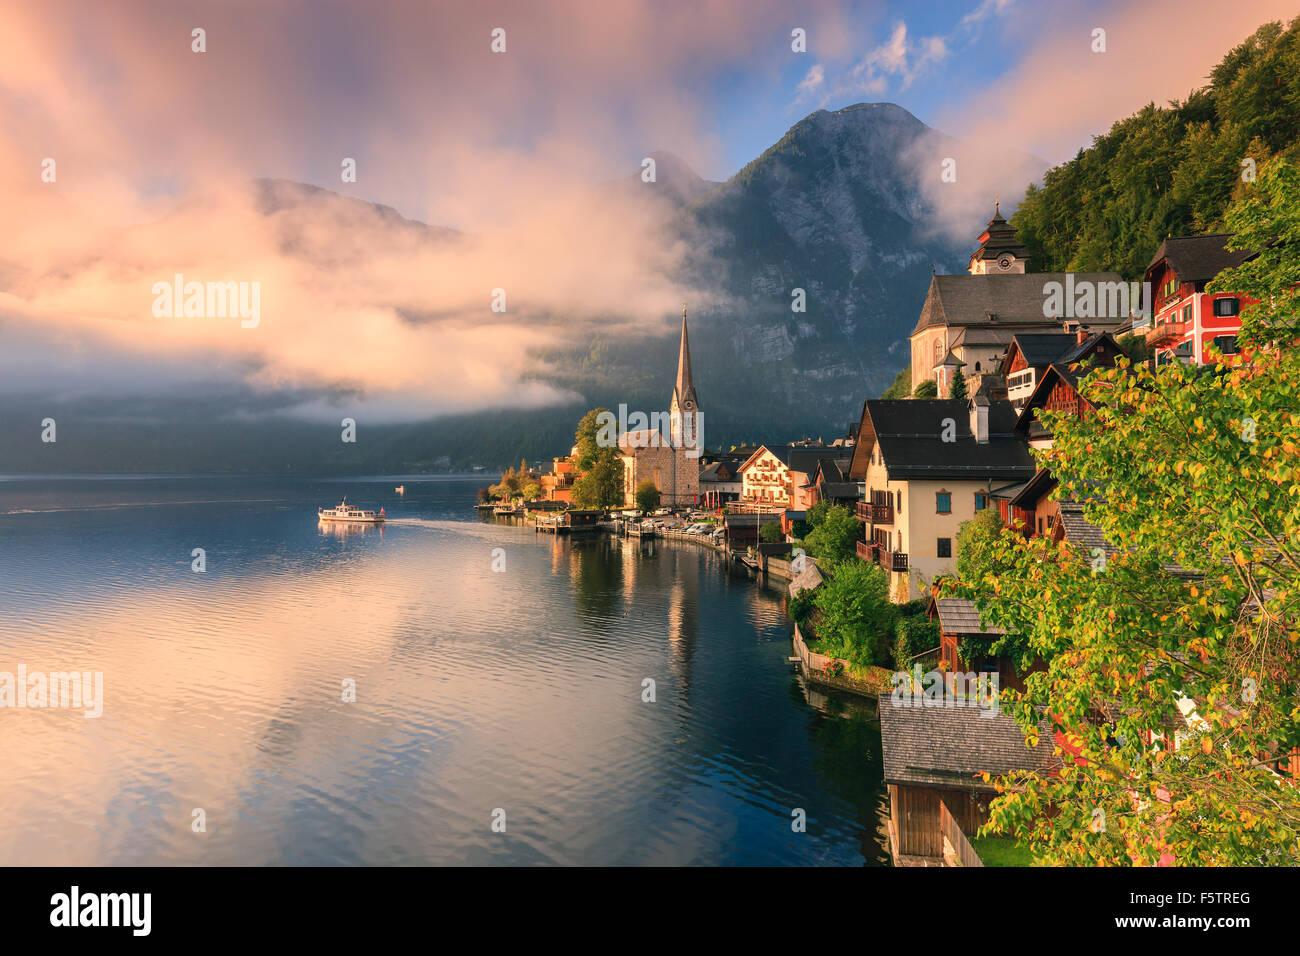 Lever de soleil à Hallstatt, dans la région de l'Autriche est un village dans la région du Salzkammergut, Photo Stock